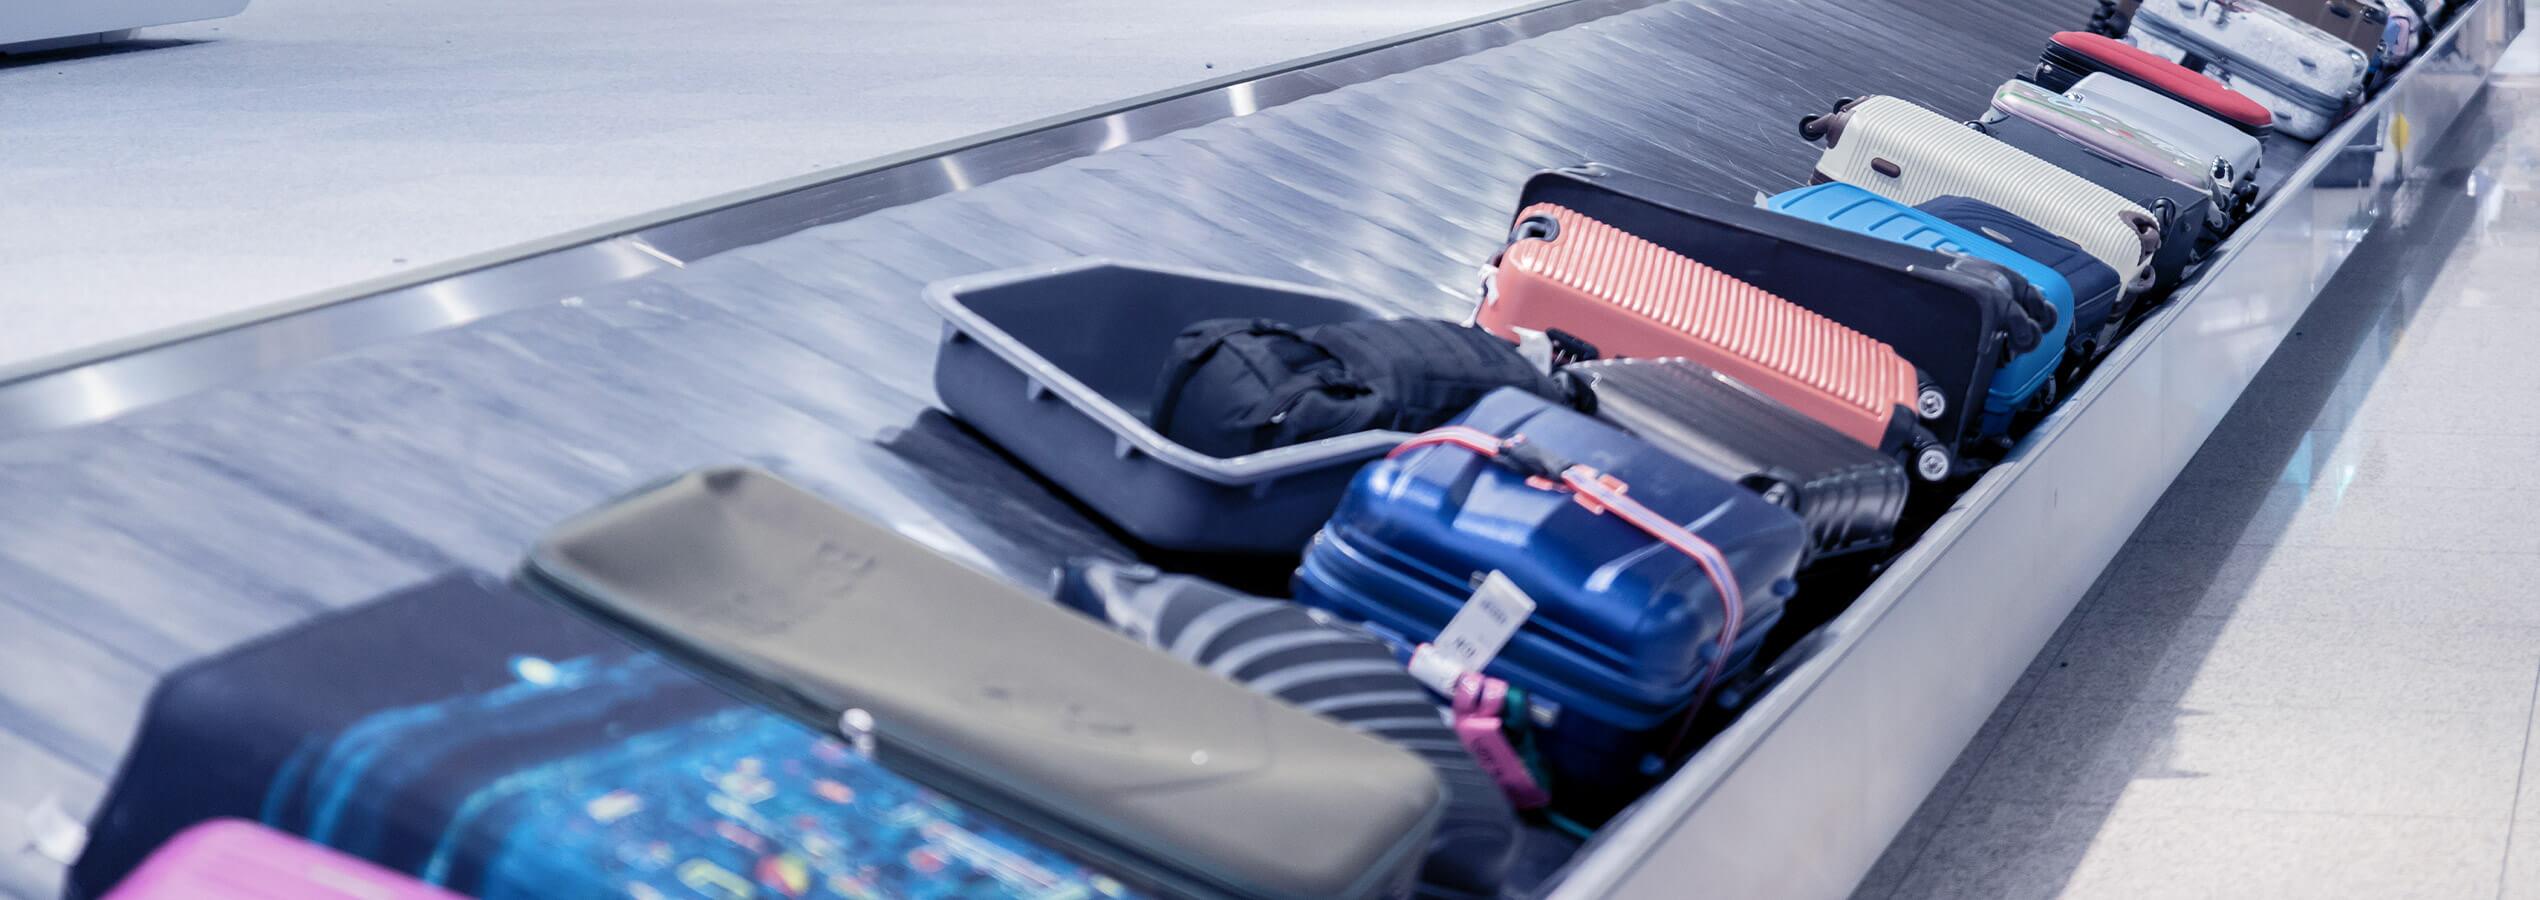 Baggage Management Platform